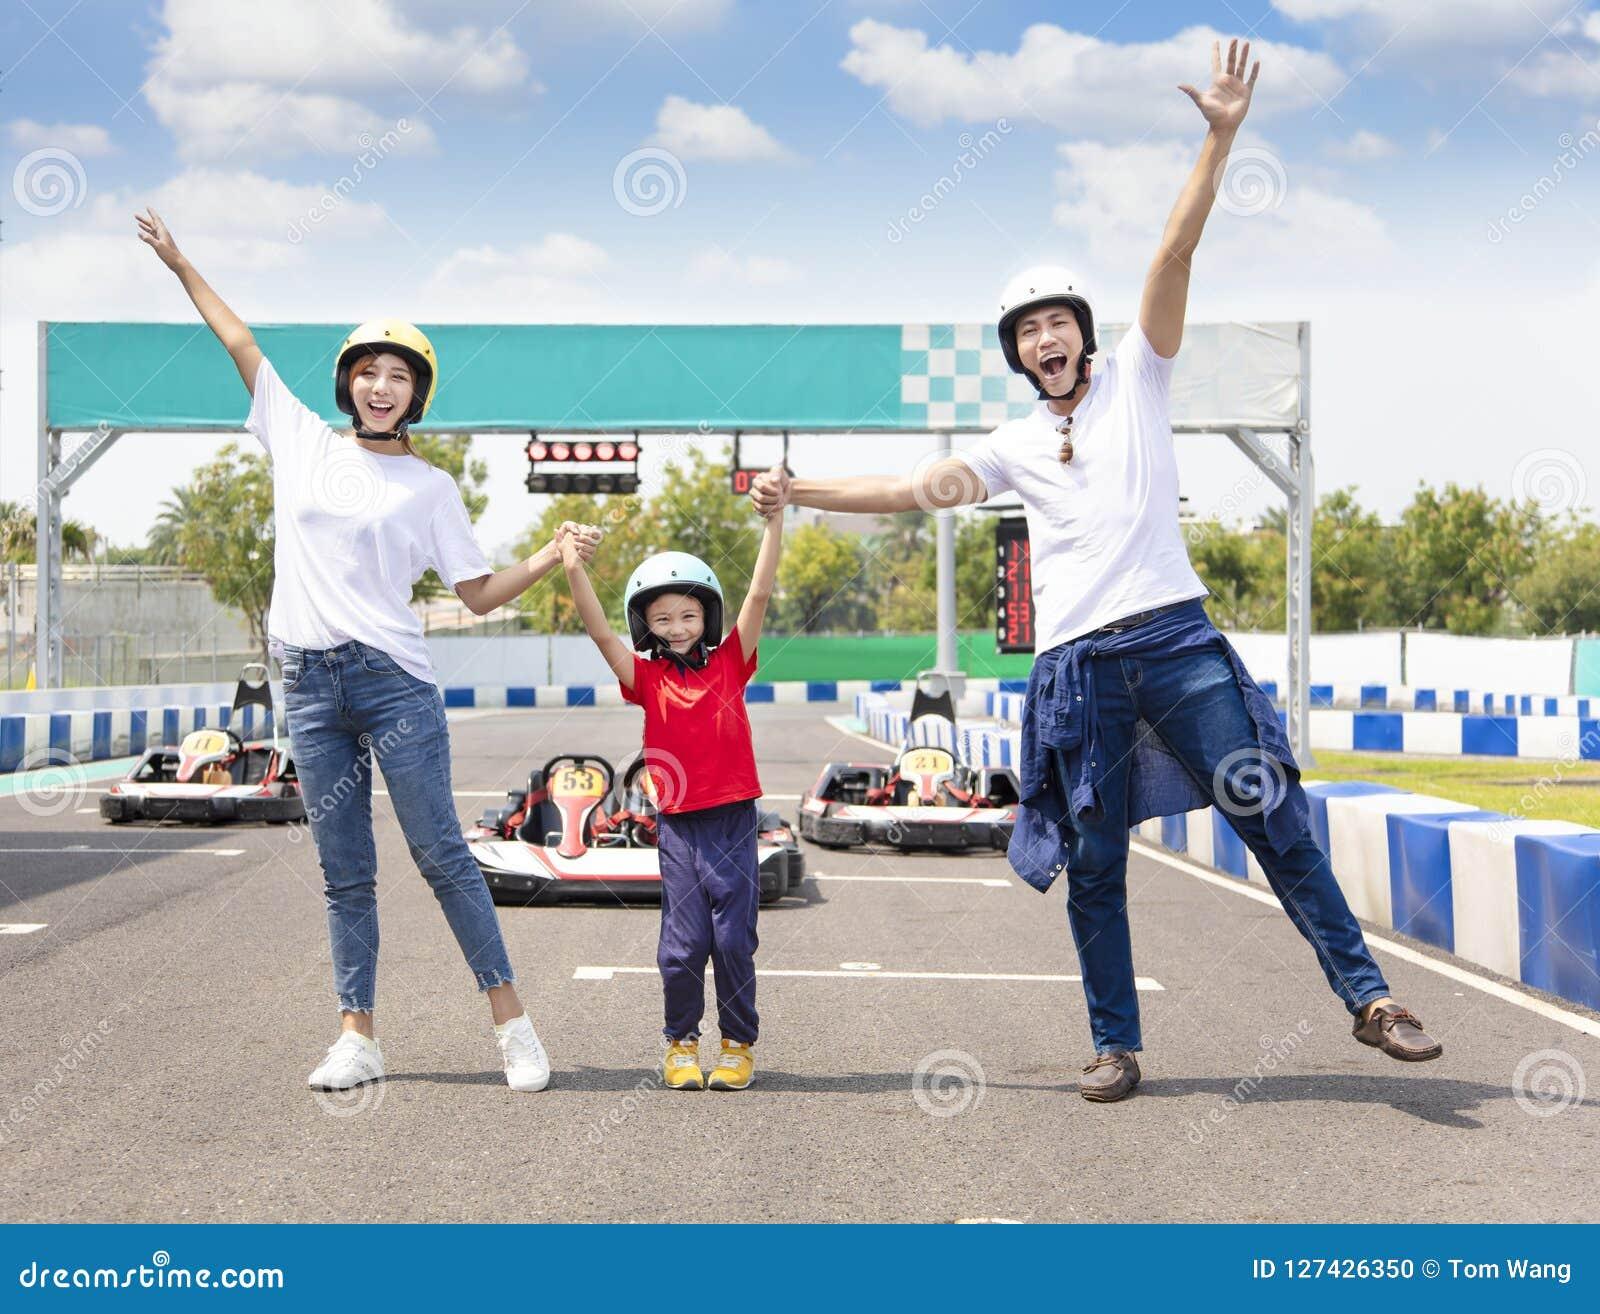 Famille heureuse se tenant sur la voie de course de kart d aller